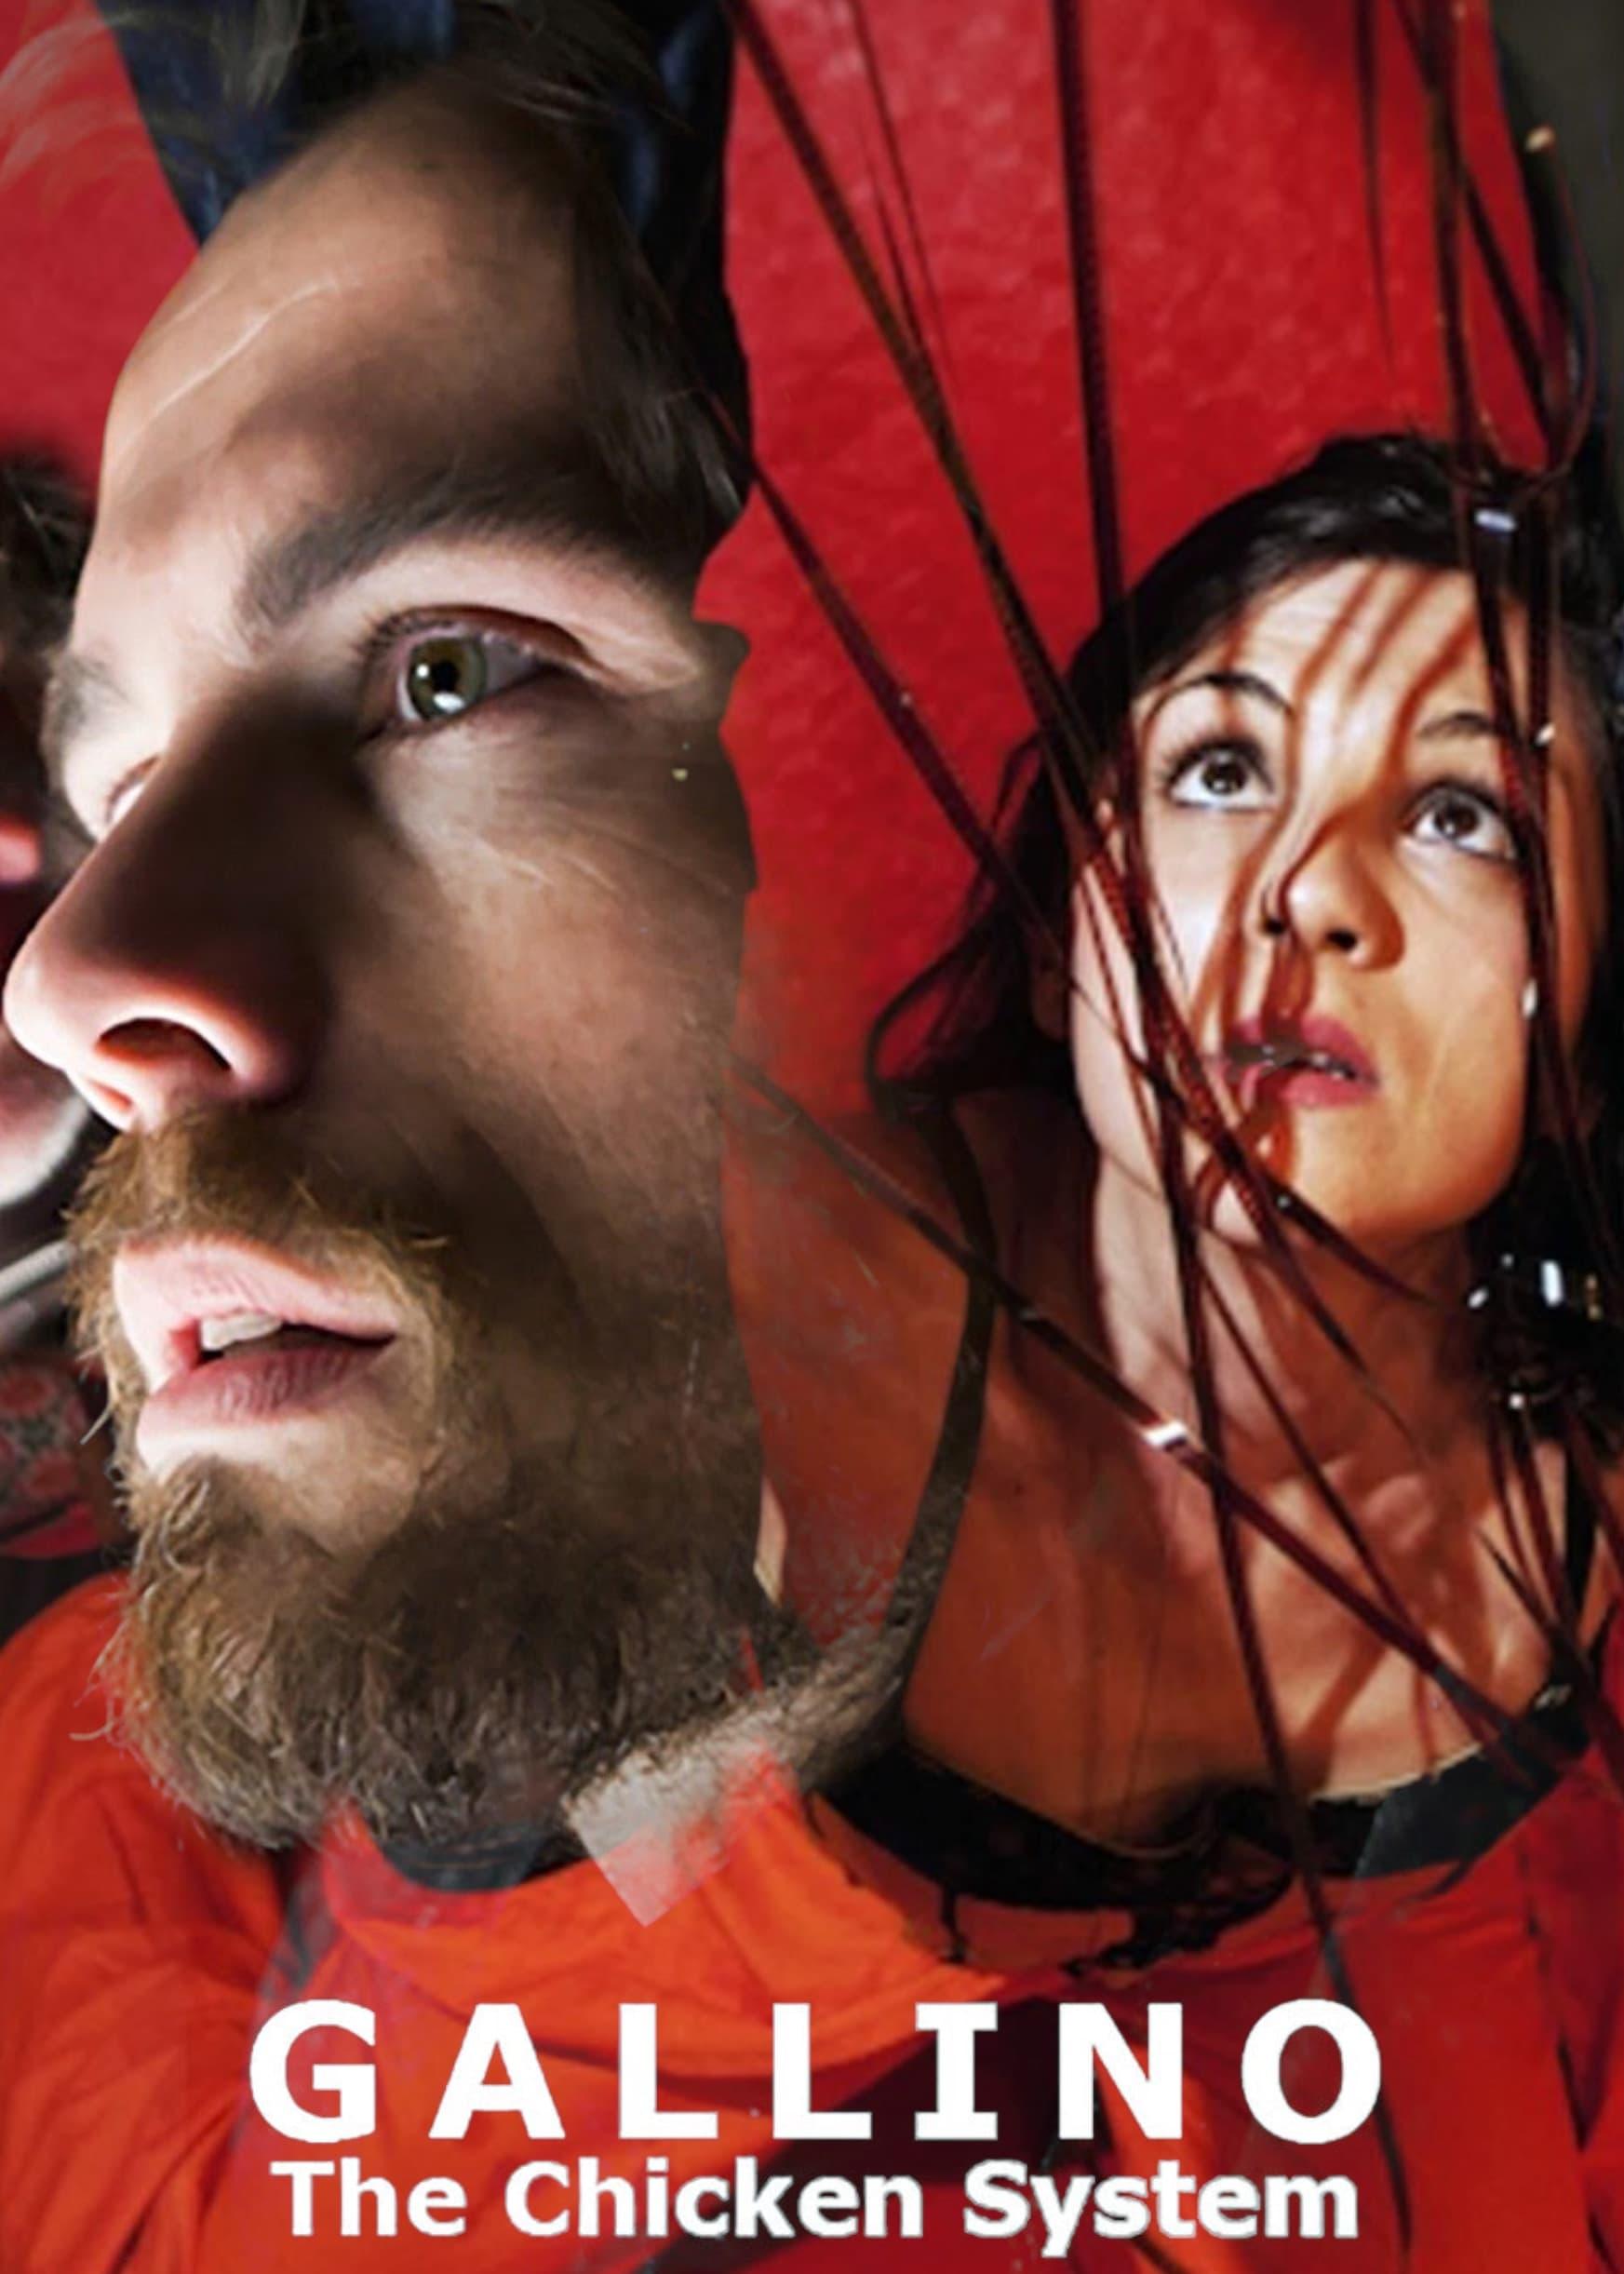 Gallino, the Chicken System